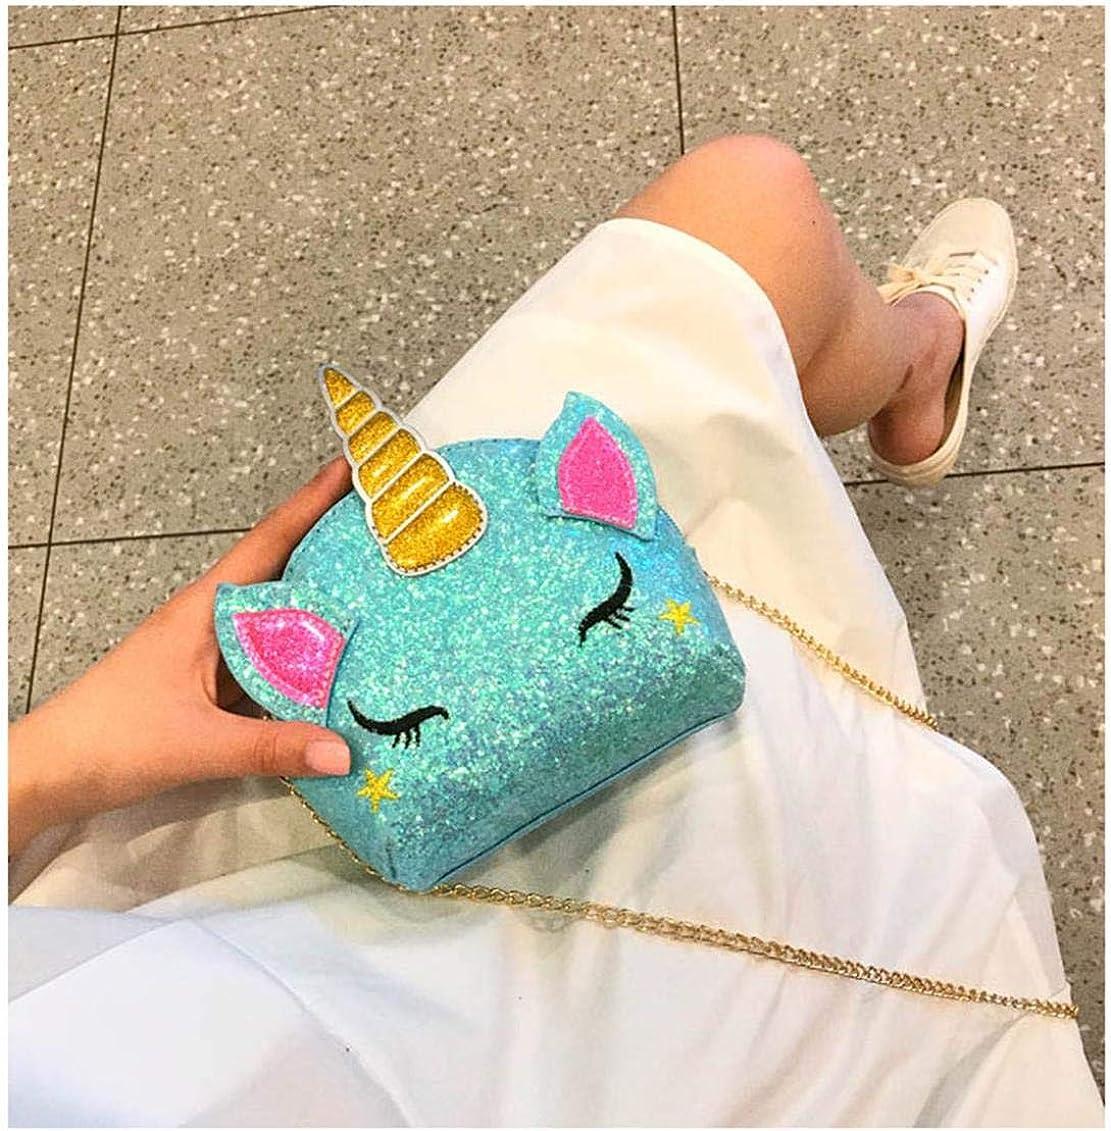 TXVSO Piccola Glitter Carino Unicorno Crossbody borsa a tracolla portafoglio borsa chiusura a cerniera per ragazze adolescenti Donne